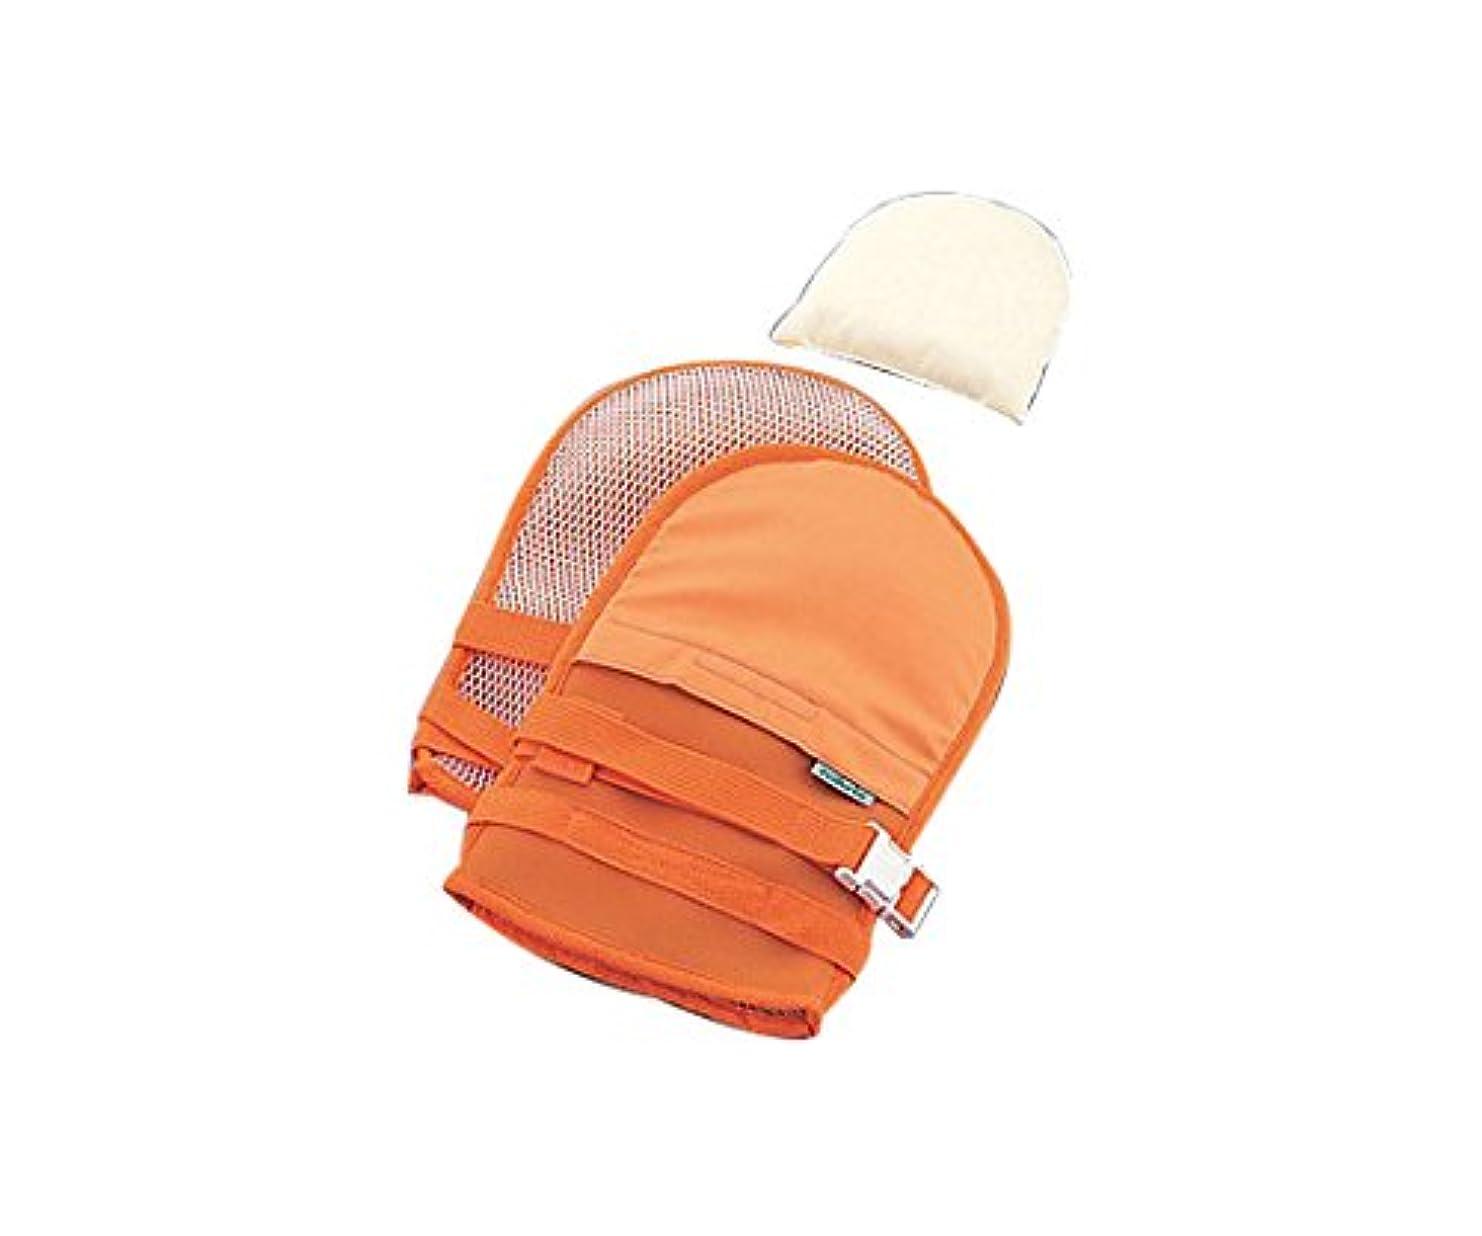 混乱子供っぽい打ち負かすナビス(アズワン)0-1638-41抜管防止手袋大メッシュオレンジ